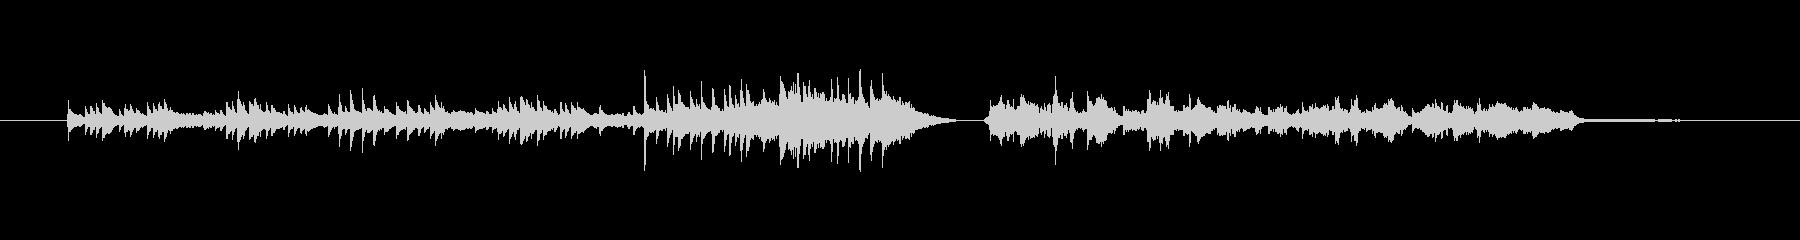 繊細な音色で壮大なピアノメロディーの未再生の波形